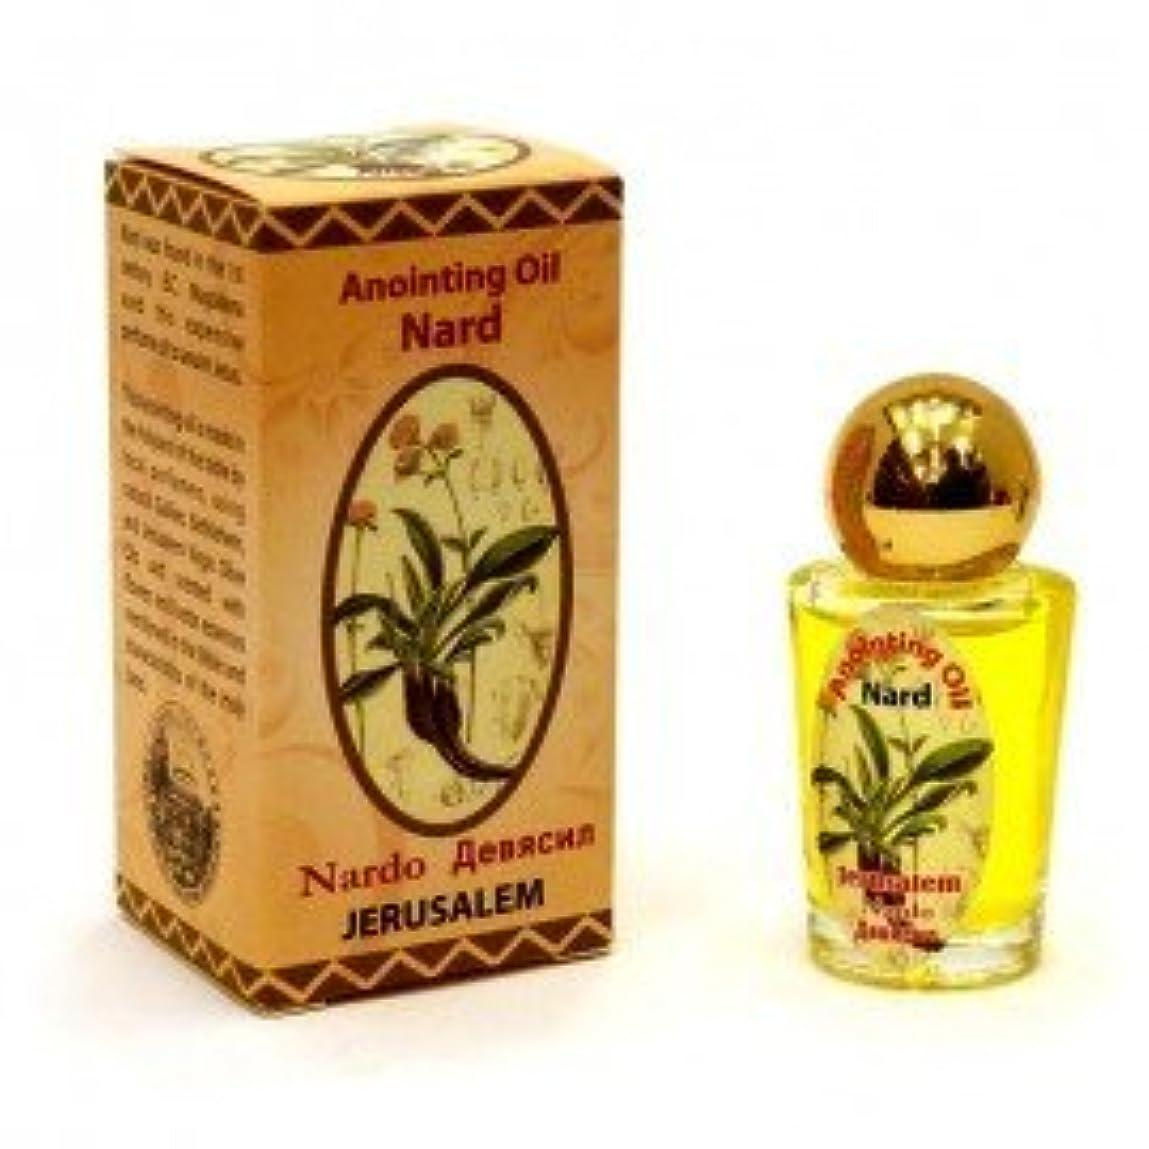 無駄暗いディスパッチNard Nardo Anointingオイルボトル30 ml Authentic FragranceからエルサレムbyベツレヘムギフトTM